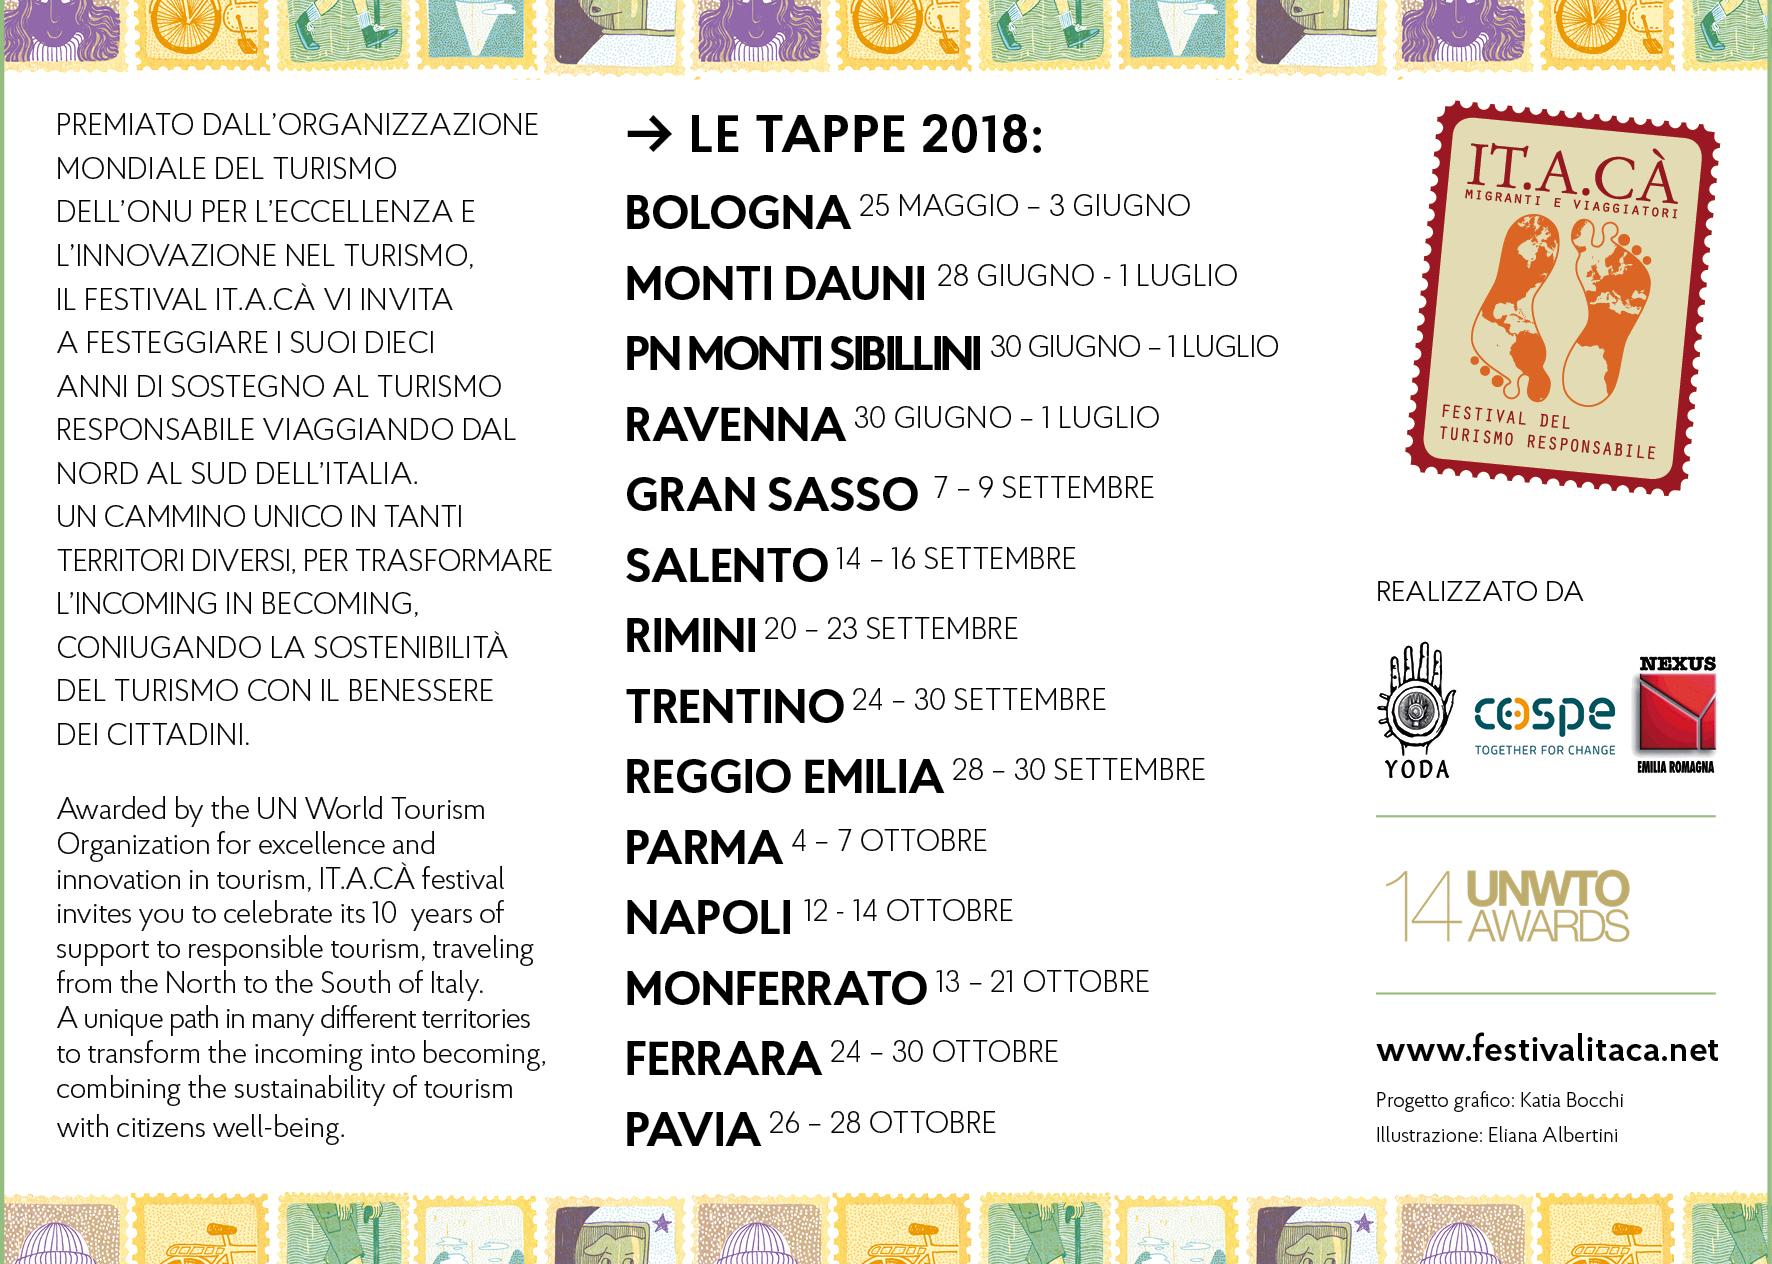 Le tappe della decima edizione di IT.A.CA: ✔️ Monti Dauni > 28 giugno – 1 luglio ✔️ Parco Nazionale Monti Sibillini > 30 giugno – 1 luglio ✔️ Ravenna > 30 giugno – 1 luglio ✔️ Gran Sasso > 7– 9 settembre ✔️ Salento > 14 – 16 settembre ✔️ Rimini > 20 – 23 settembre ✔️ Trentino > 24 – 30 settembre ✔️ Reggio Emilia > 28 – 30 settembre ✔️ Parma > 4 – 7 ottobre ✔️ Napoli > 12 – 14 ottobre ✔️ Monferrato > 13 – 21 ottobre ✔️ Ferrara > 24 – 30 ottobre ✔️ Pavia > 26 – 28 ottobre